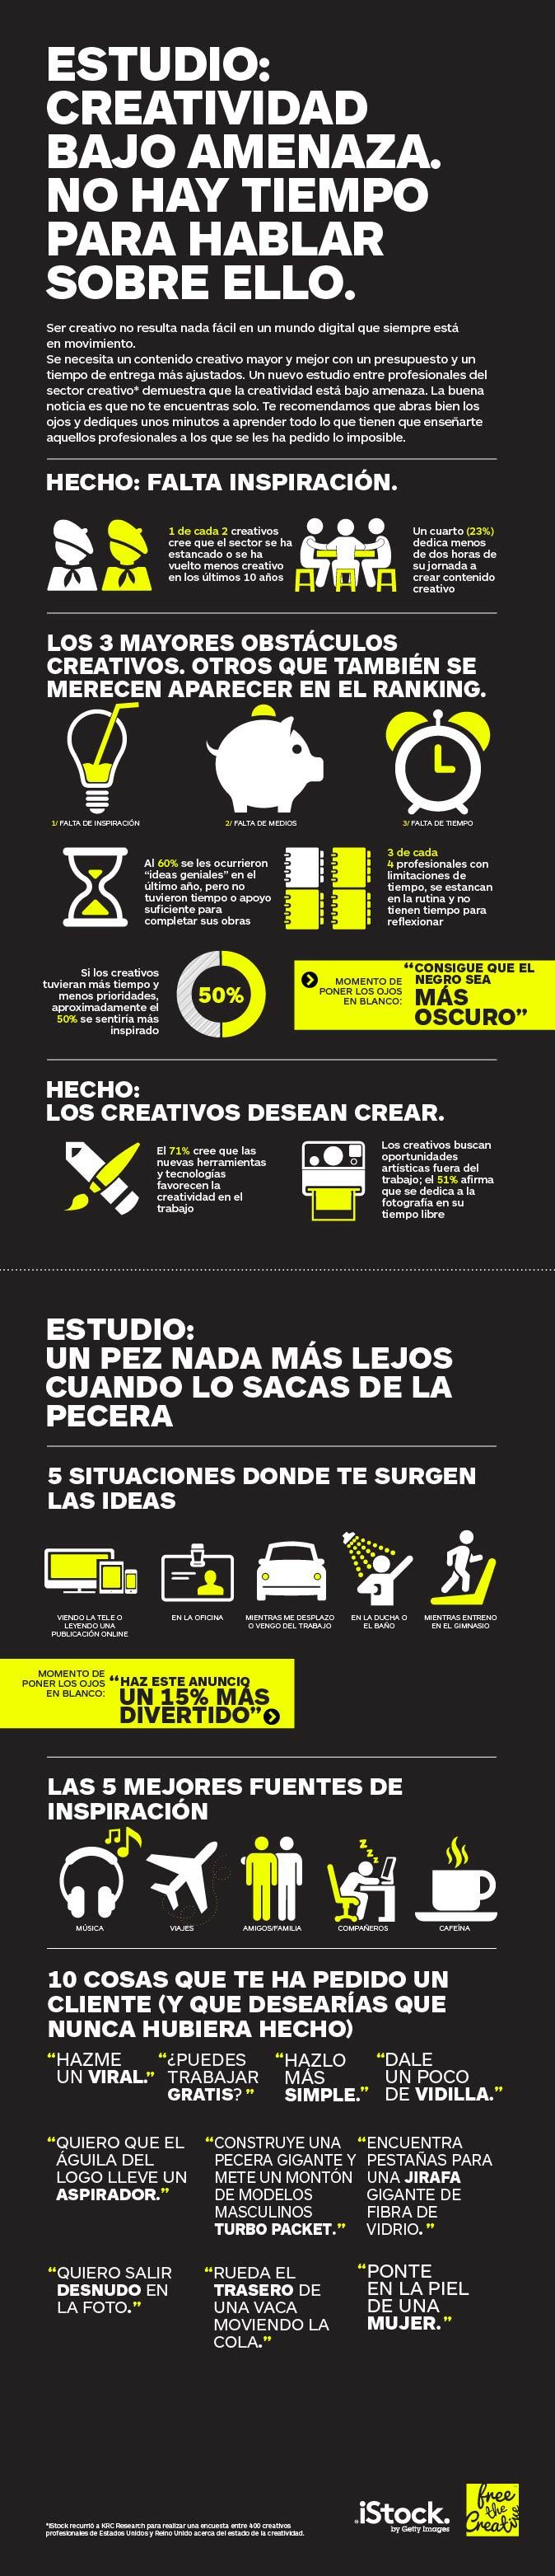 EBDLN-Creativitat-Infografia-2